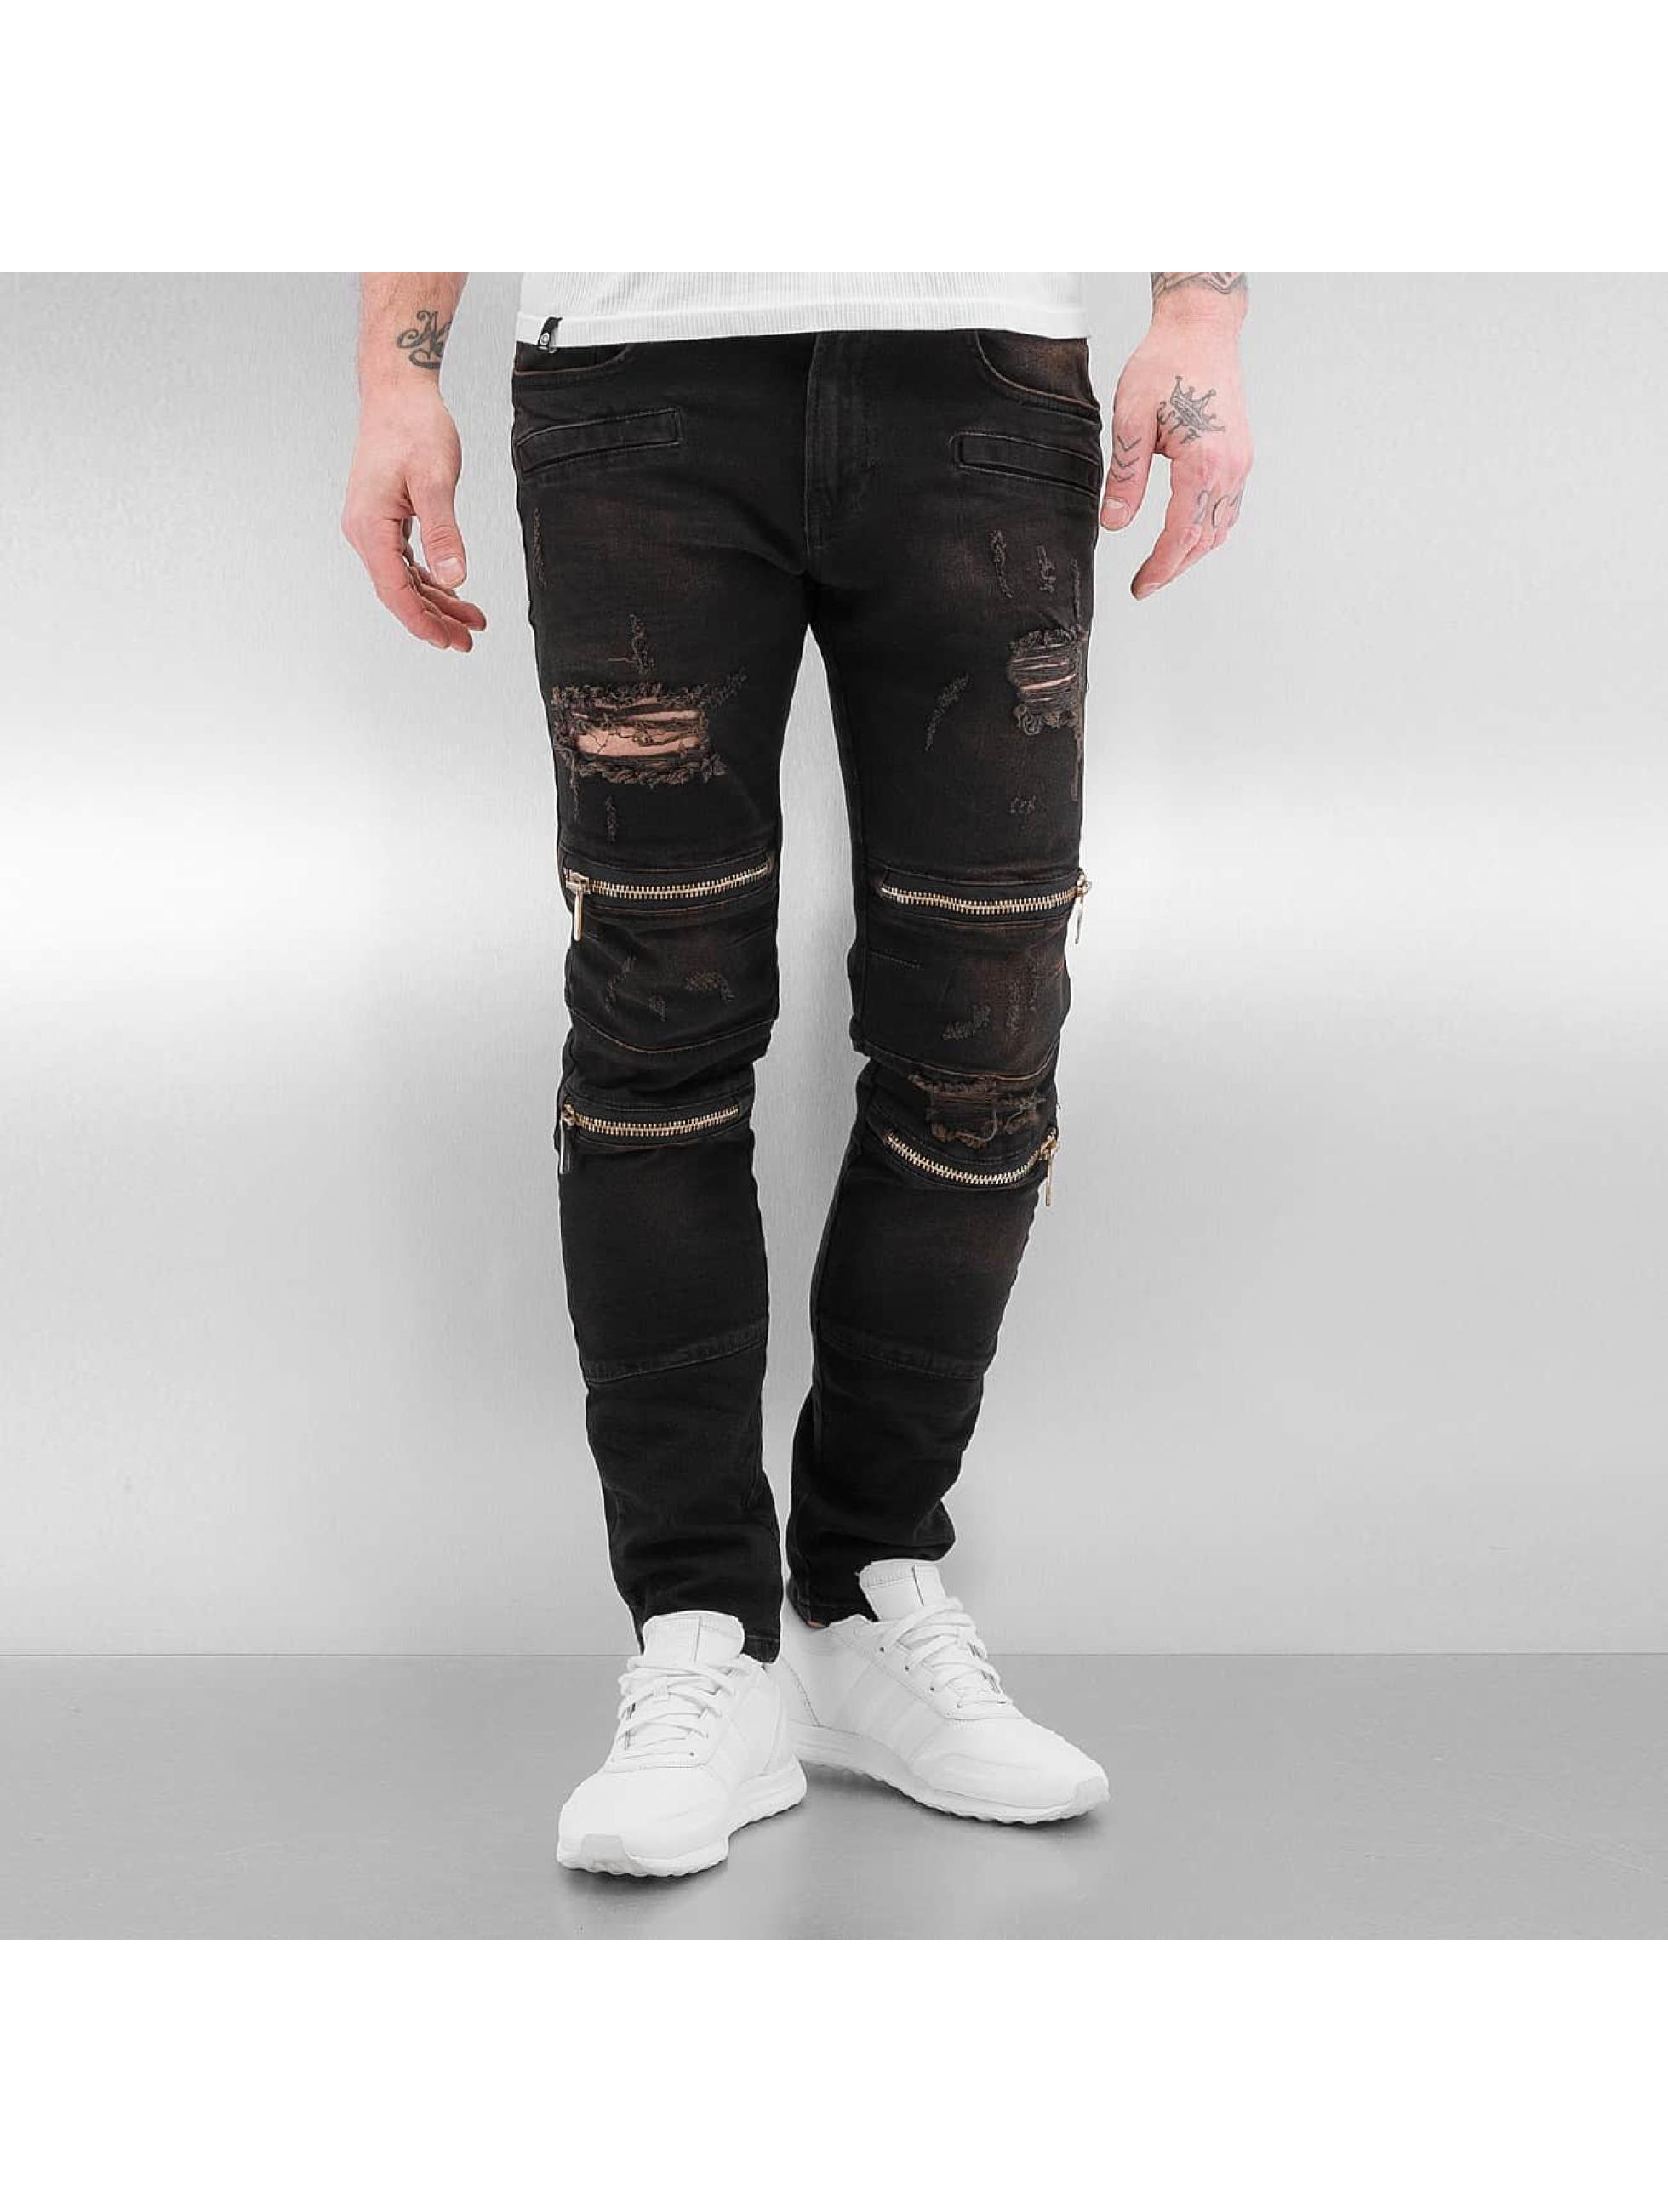 Skinny Jeans Braga II in schwarz